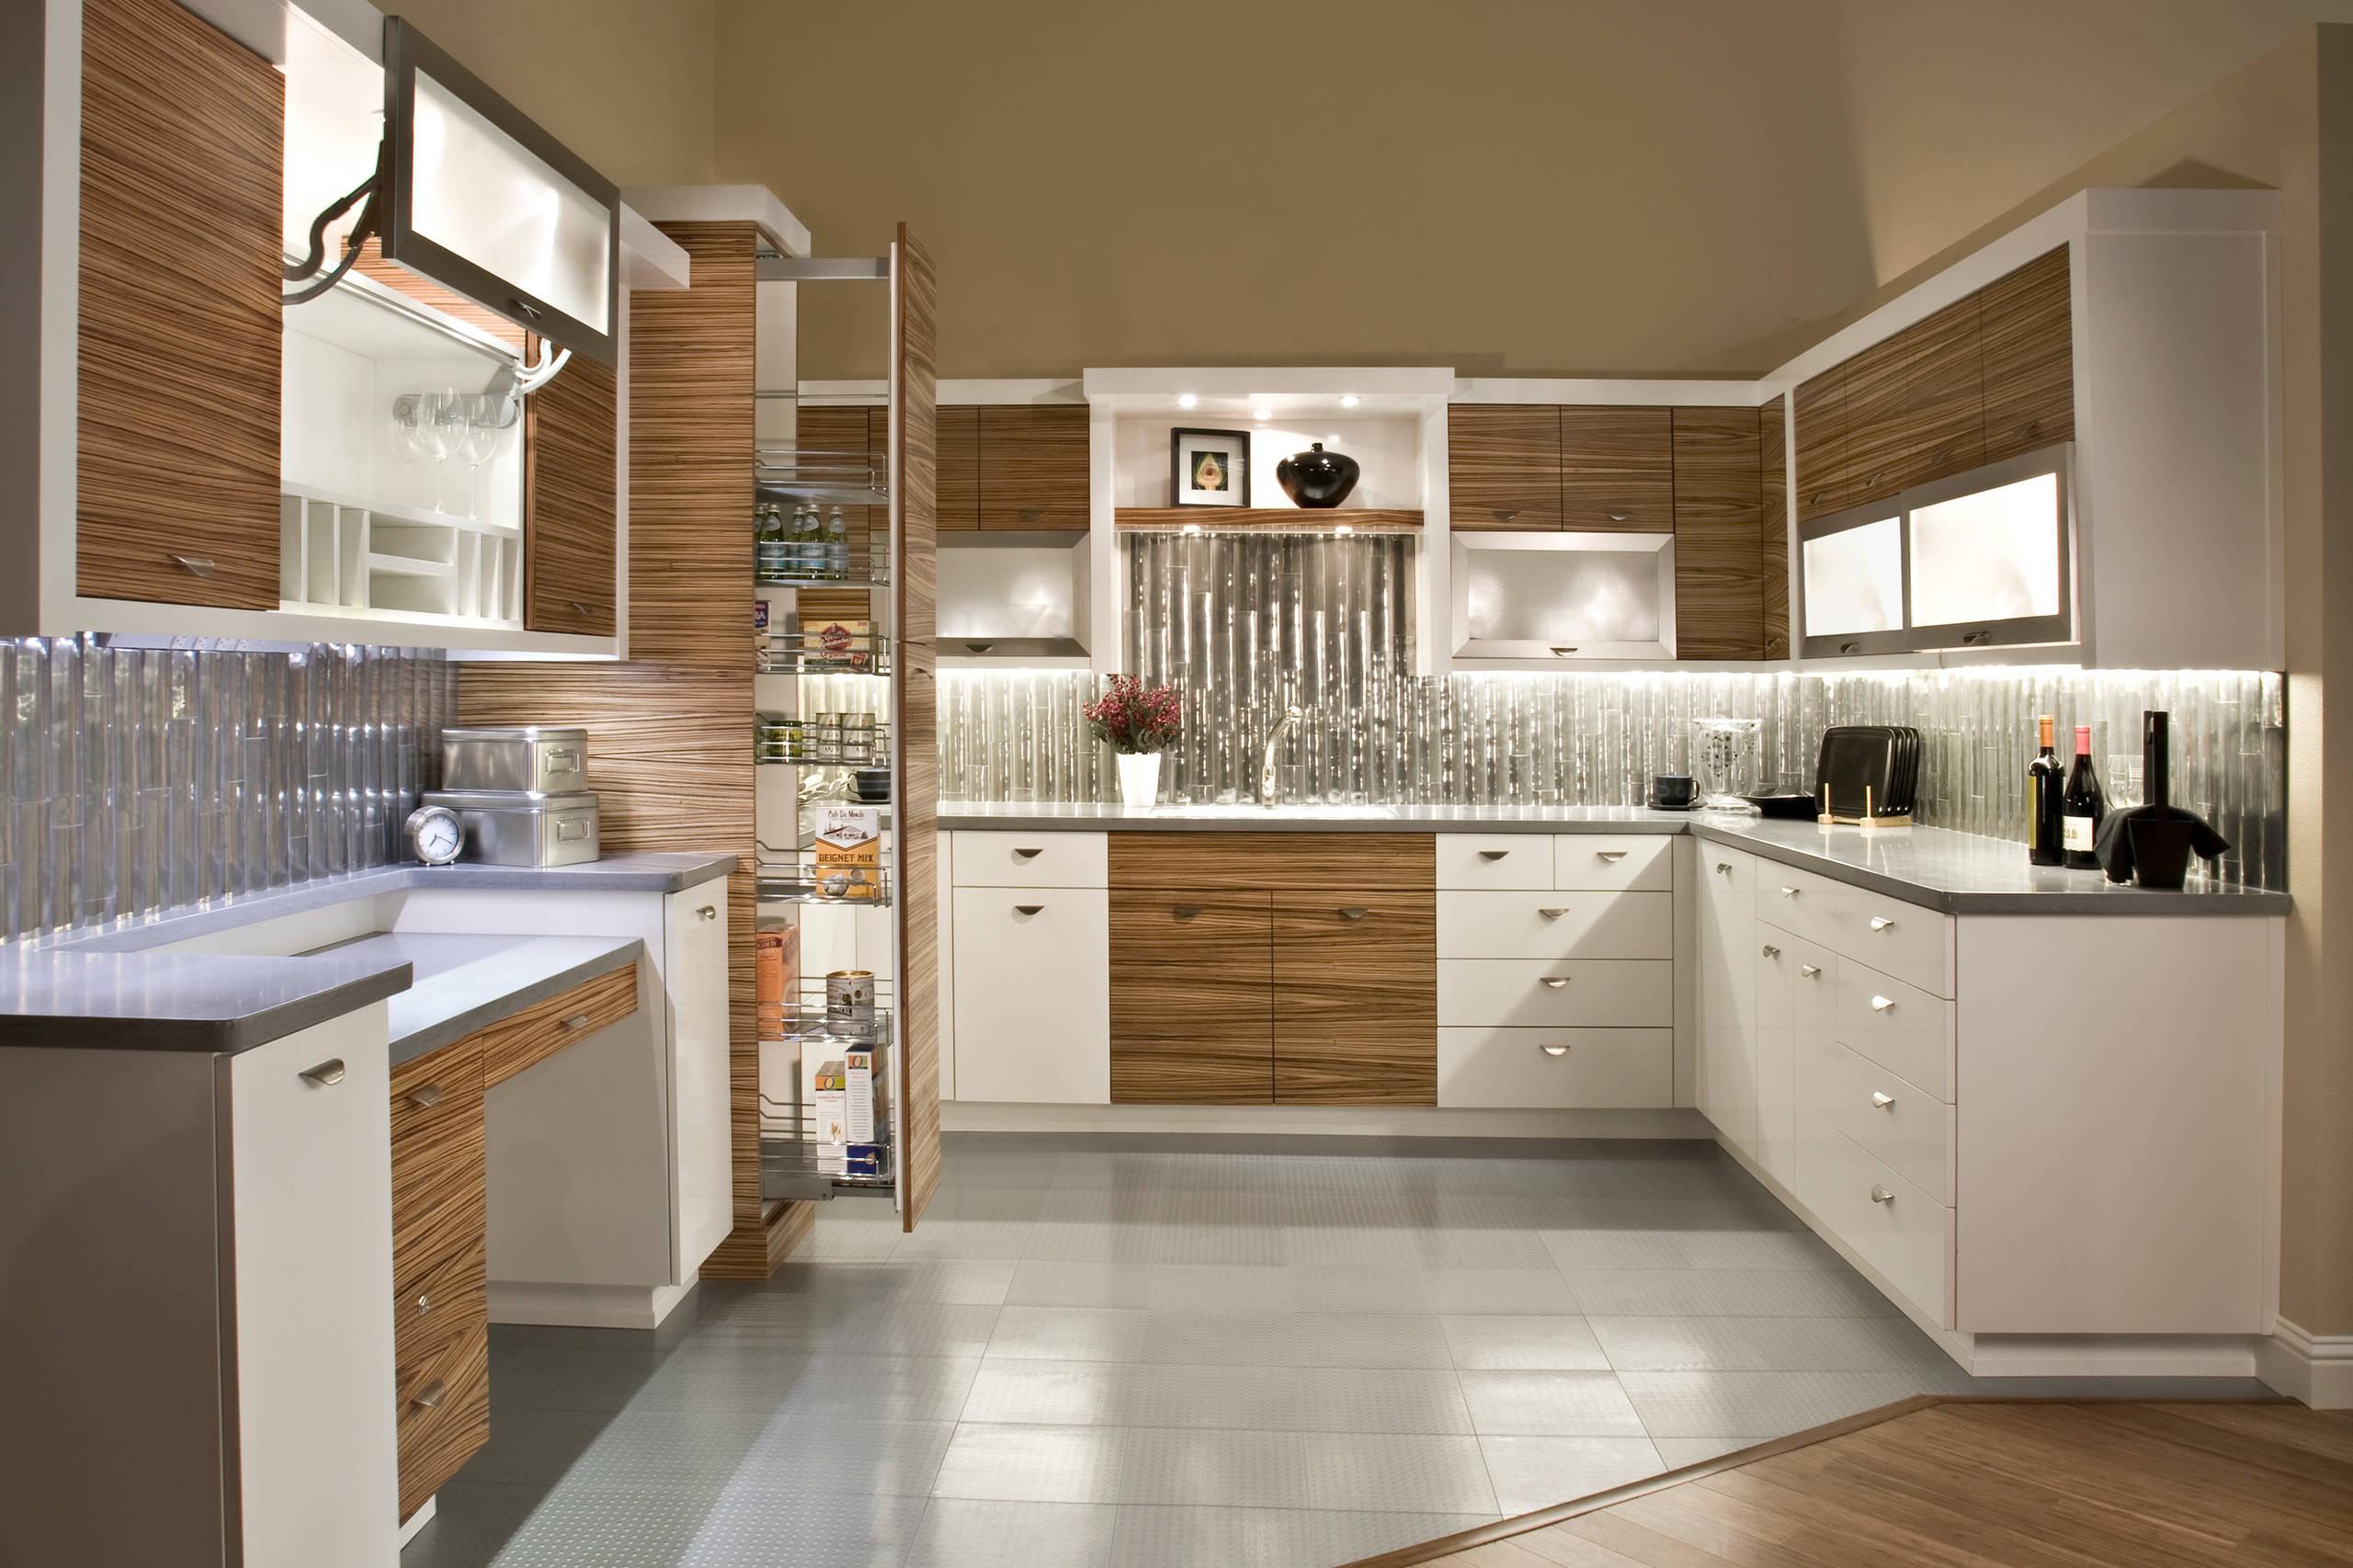 Zebra Wood Cabinets Kitchen Ideas Photos Houzz